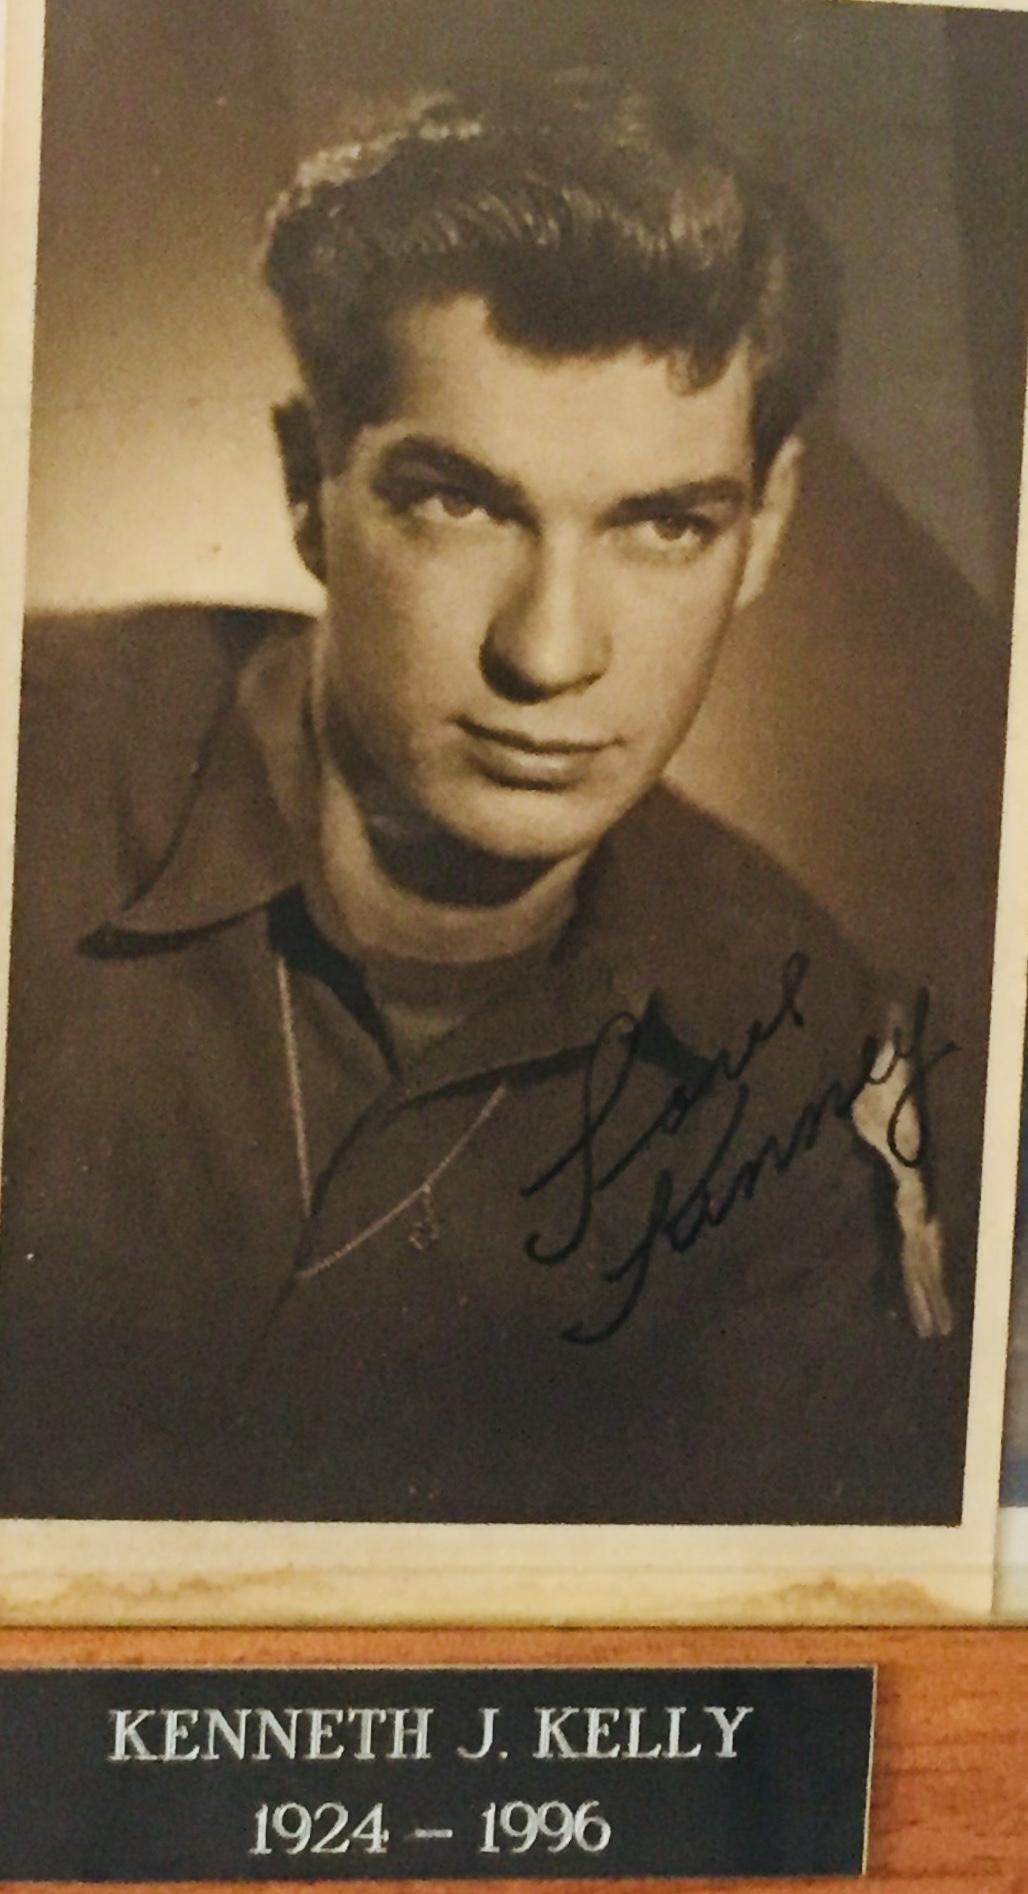 Kenneth J. Kelly